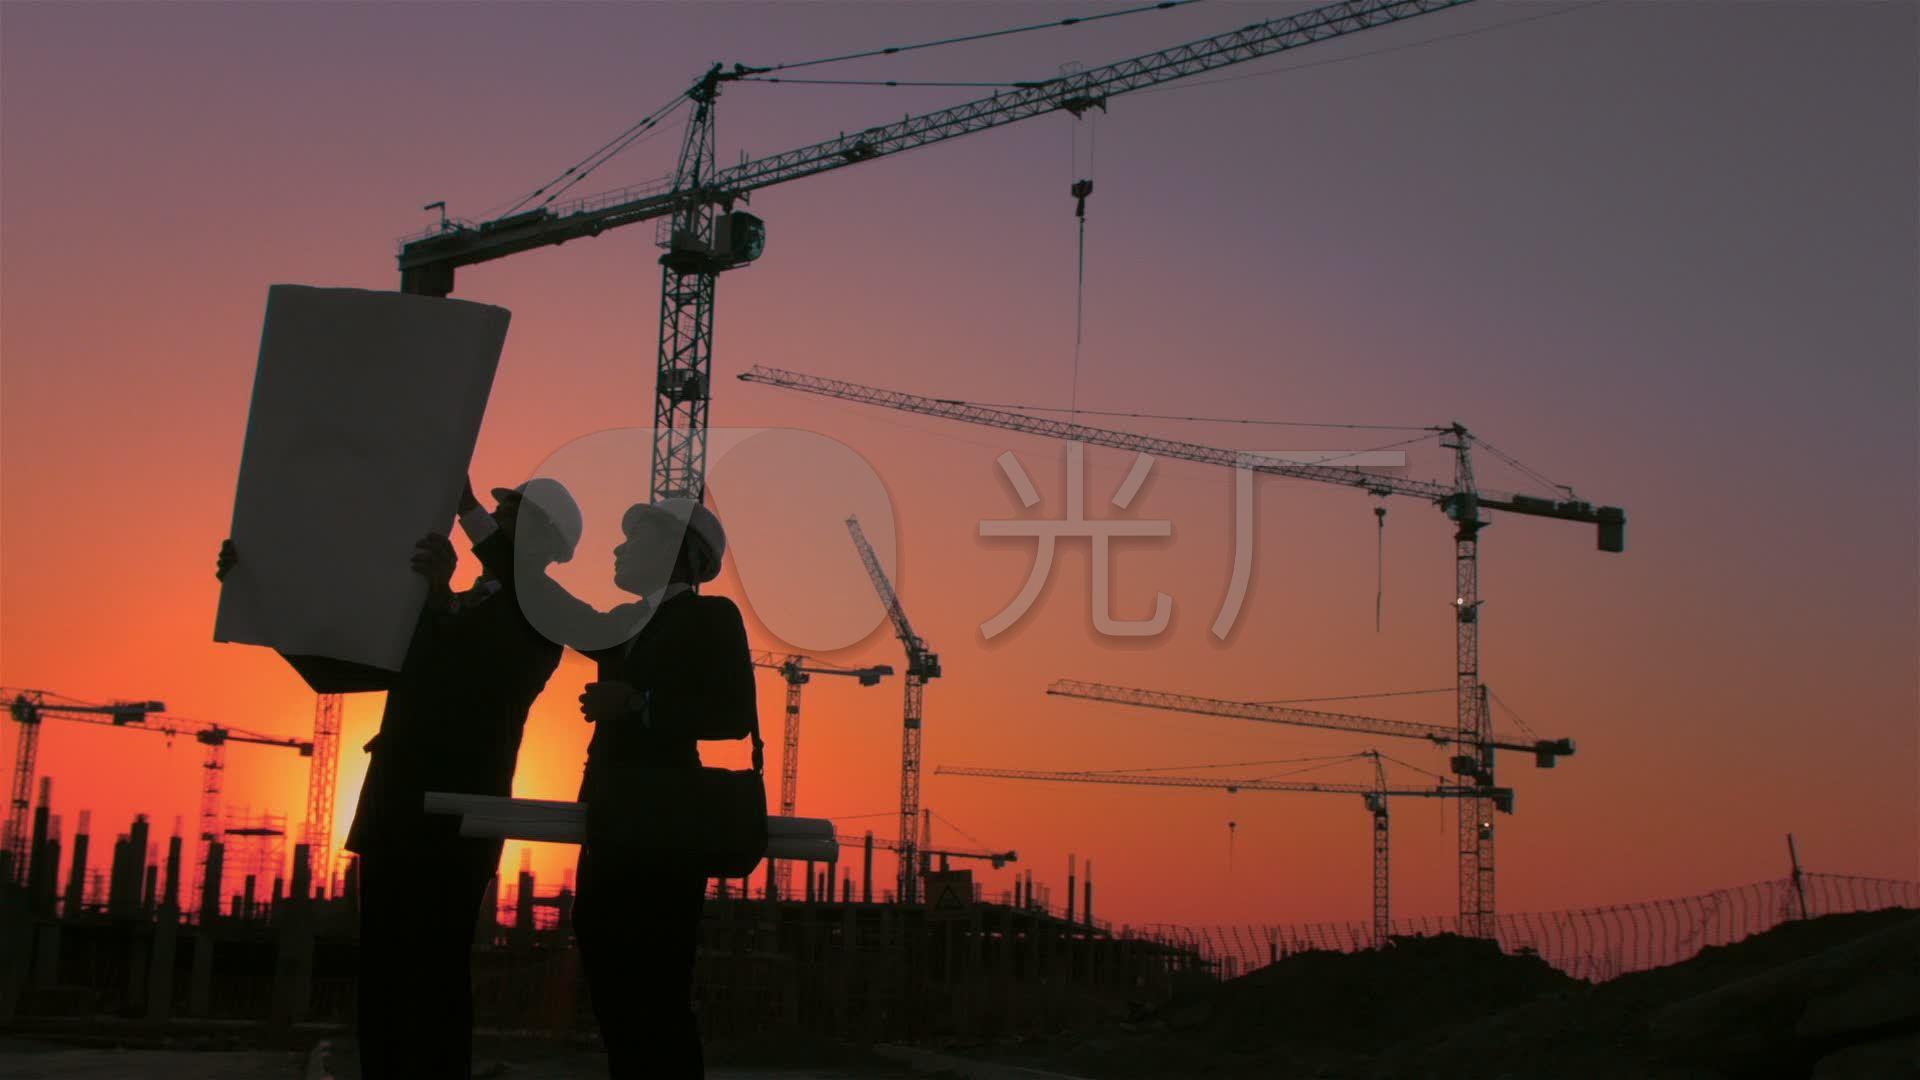 工程师看建筑高清搞设计_1920X1080_图纸视模旗袍裁片图纸纸建设图片